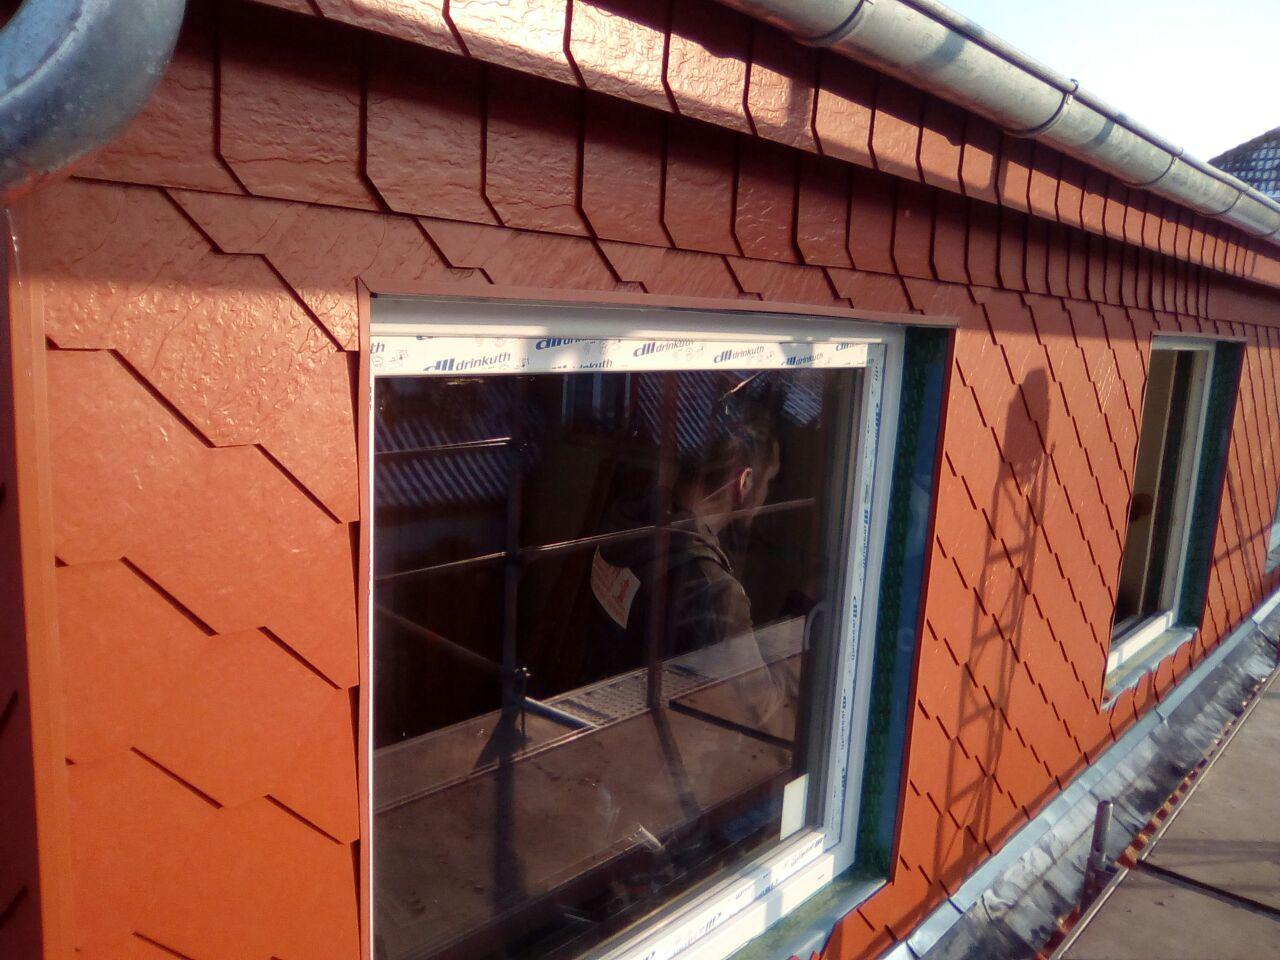 Full Size of Zimmerei Dachdeckerei Path Fenster Beleuchtung Nach Maß Sicherheitsfolie Sichtschutzfolie Alarmanlagen Für Und Türen Auf Neue Kosten Zwangsbelüftung Fenster Roro Fenster